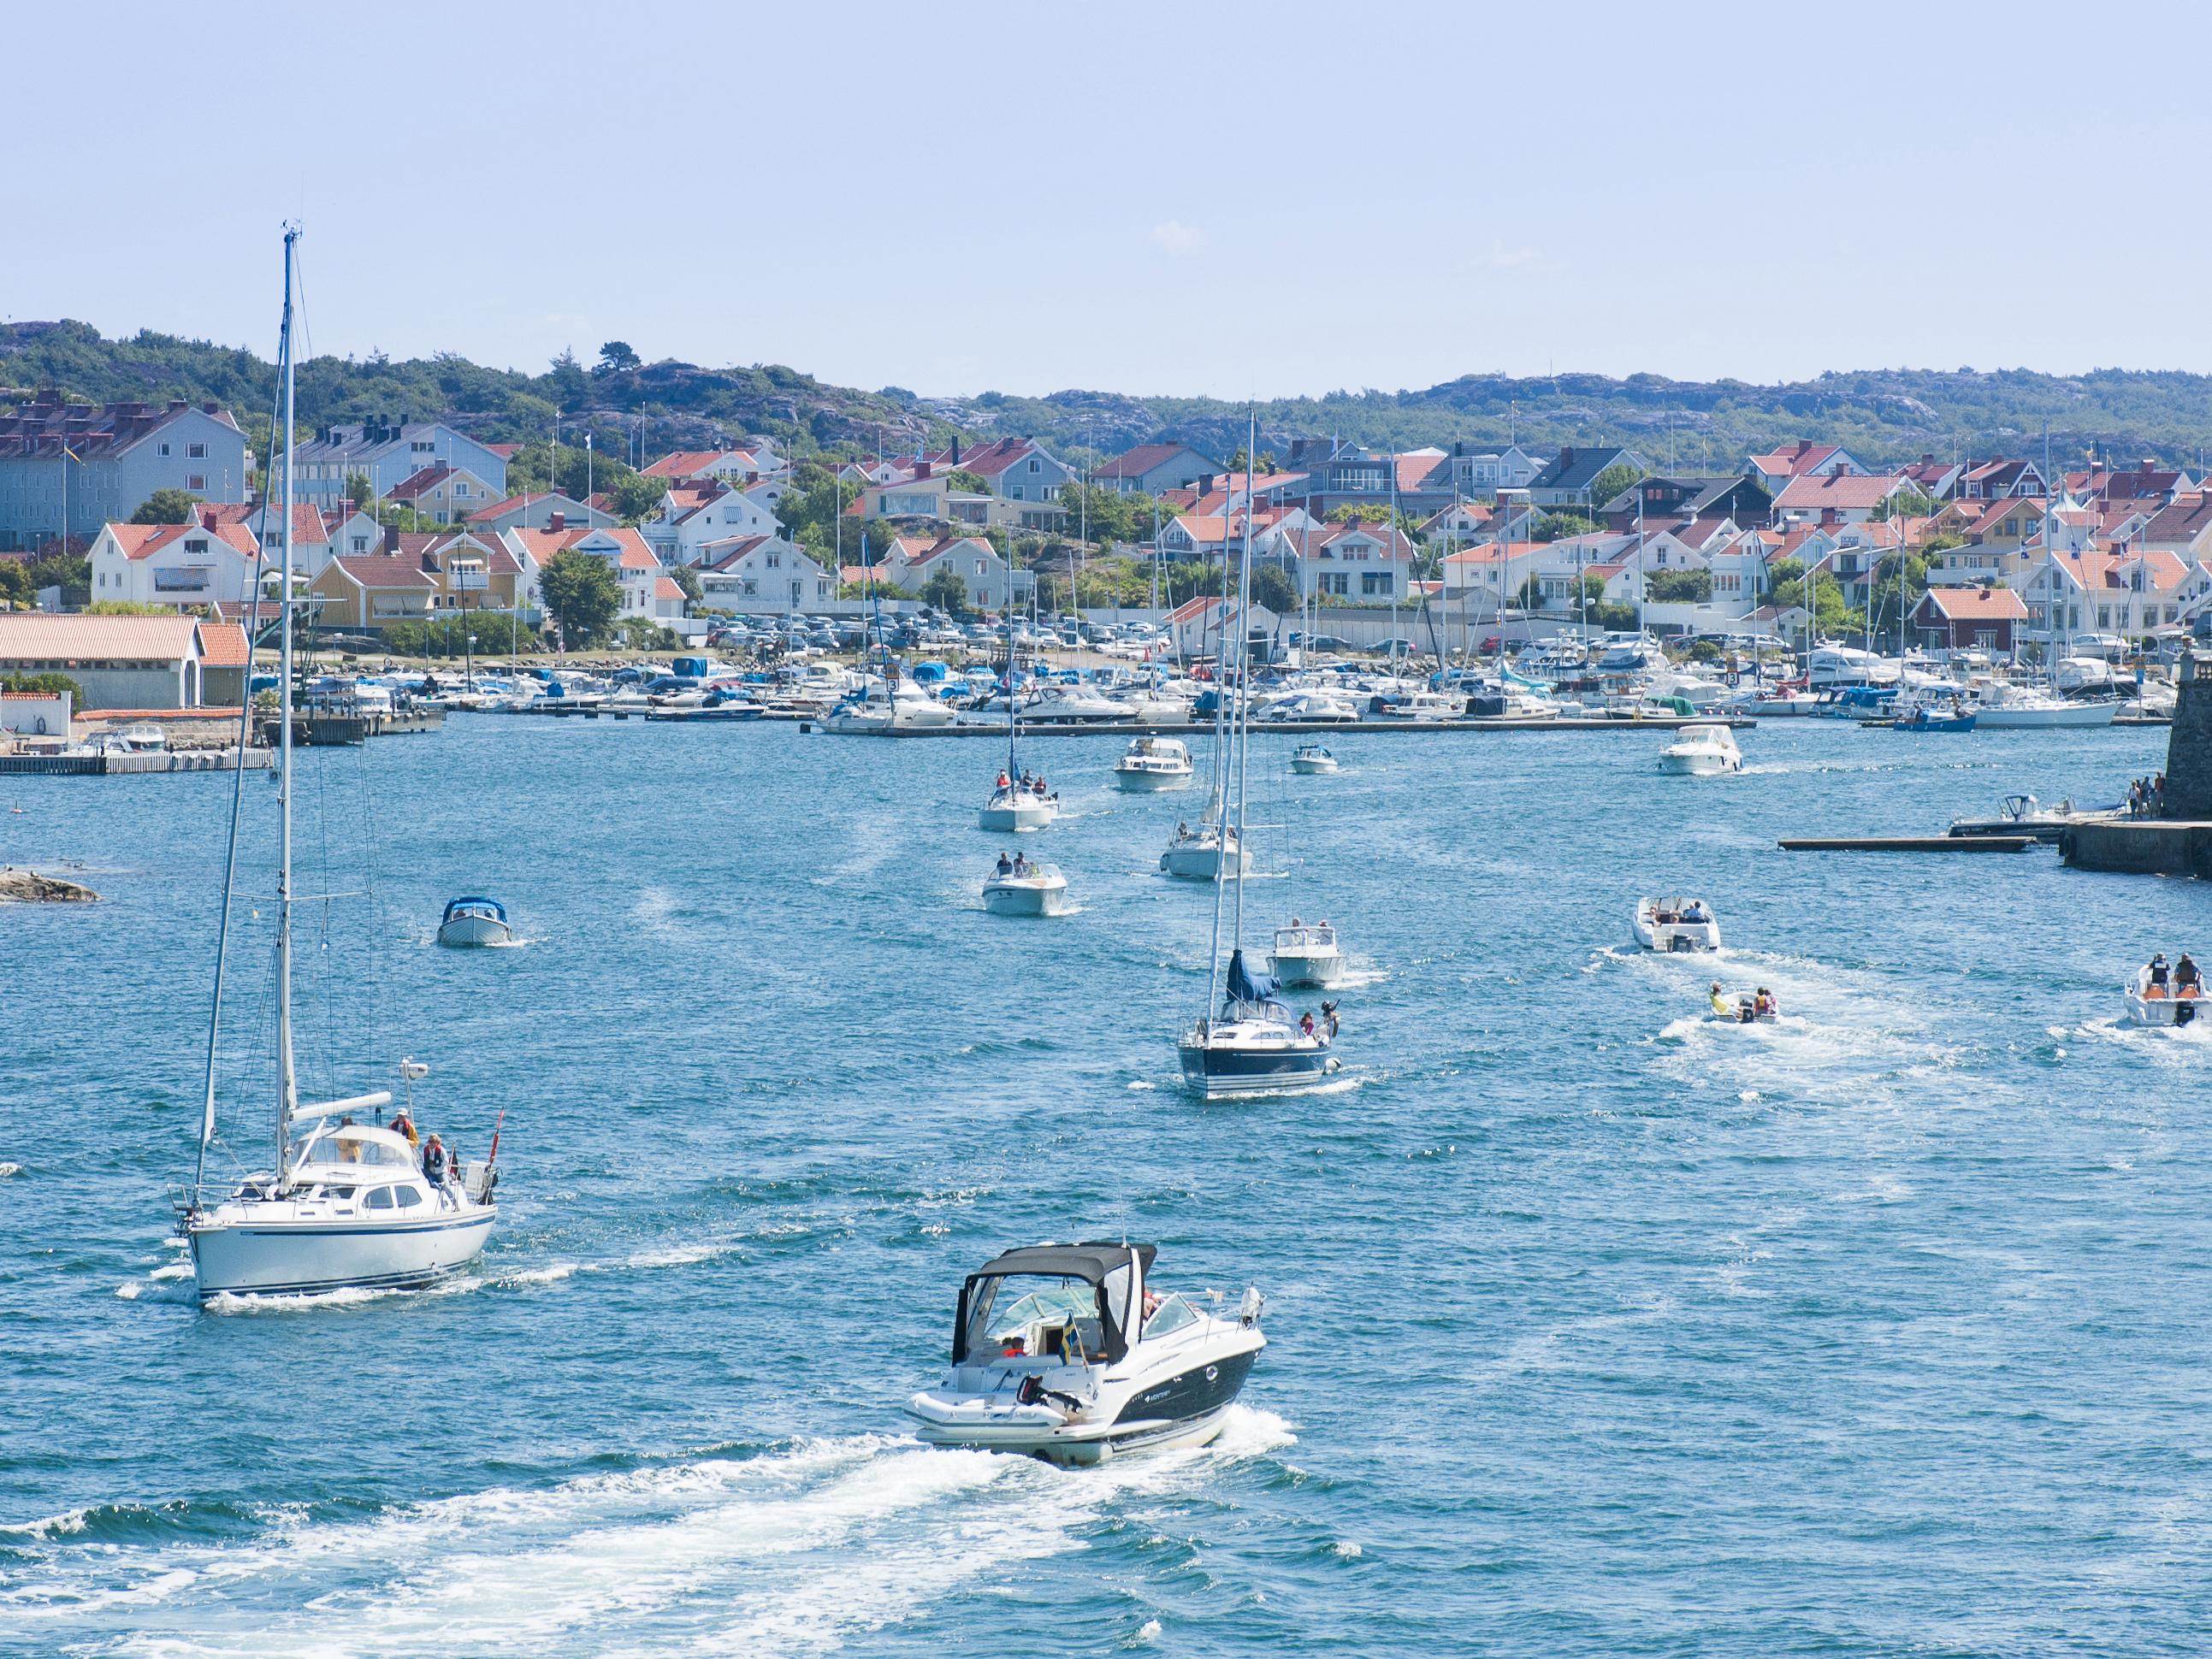 båttrafik genom sund på västkusten